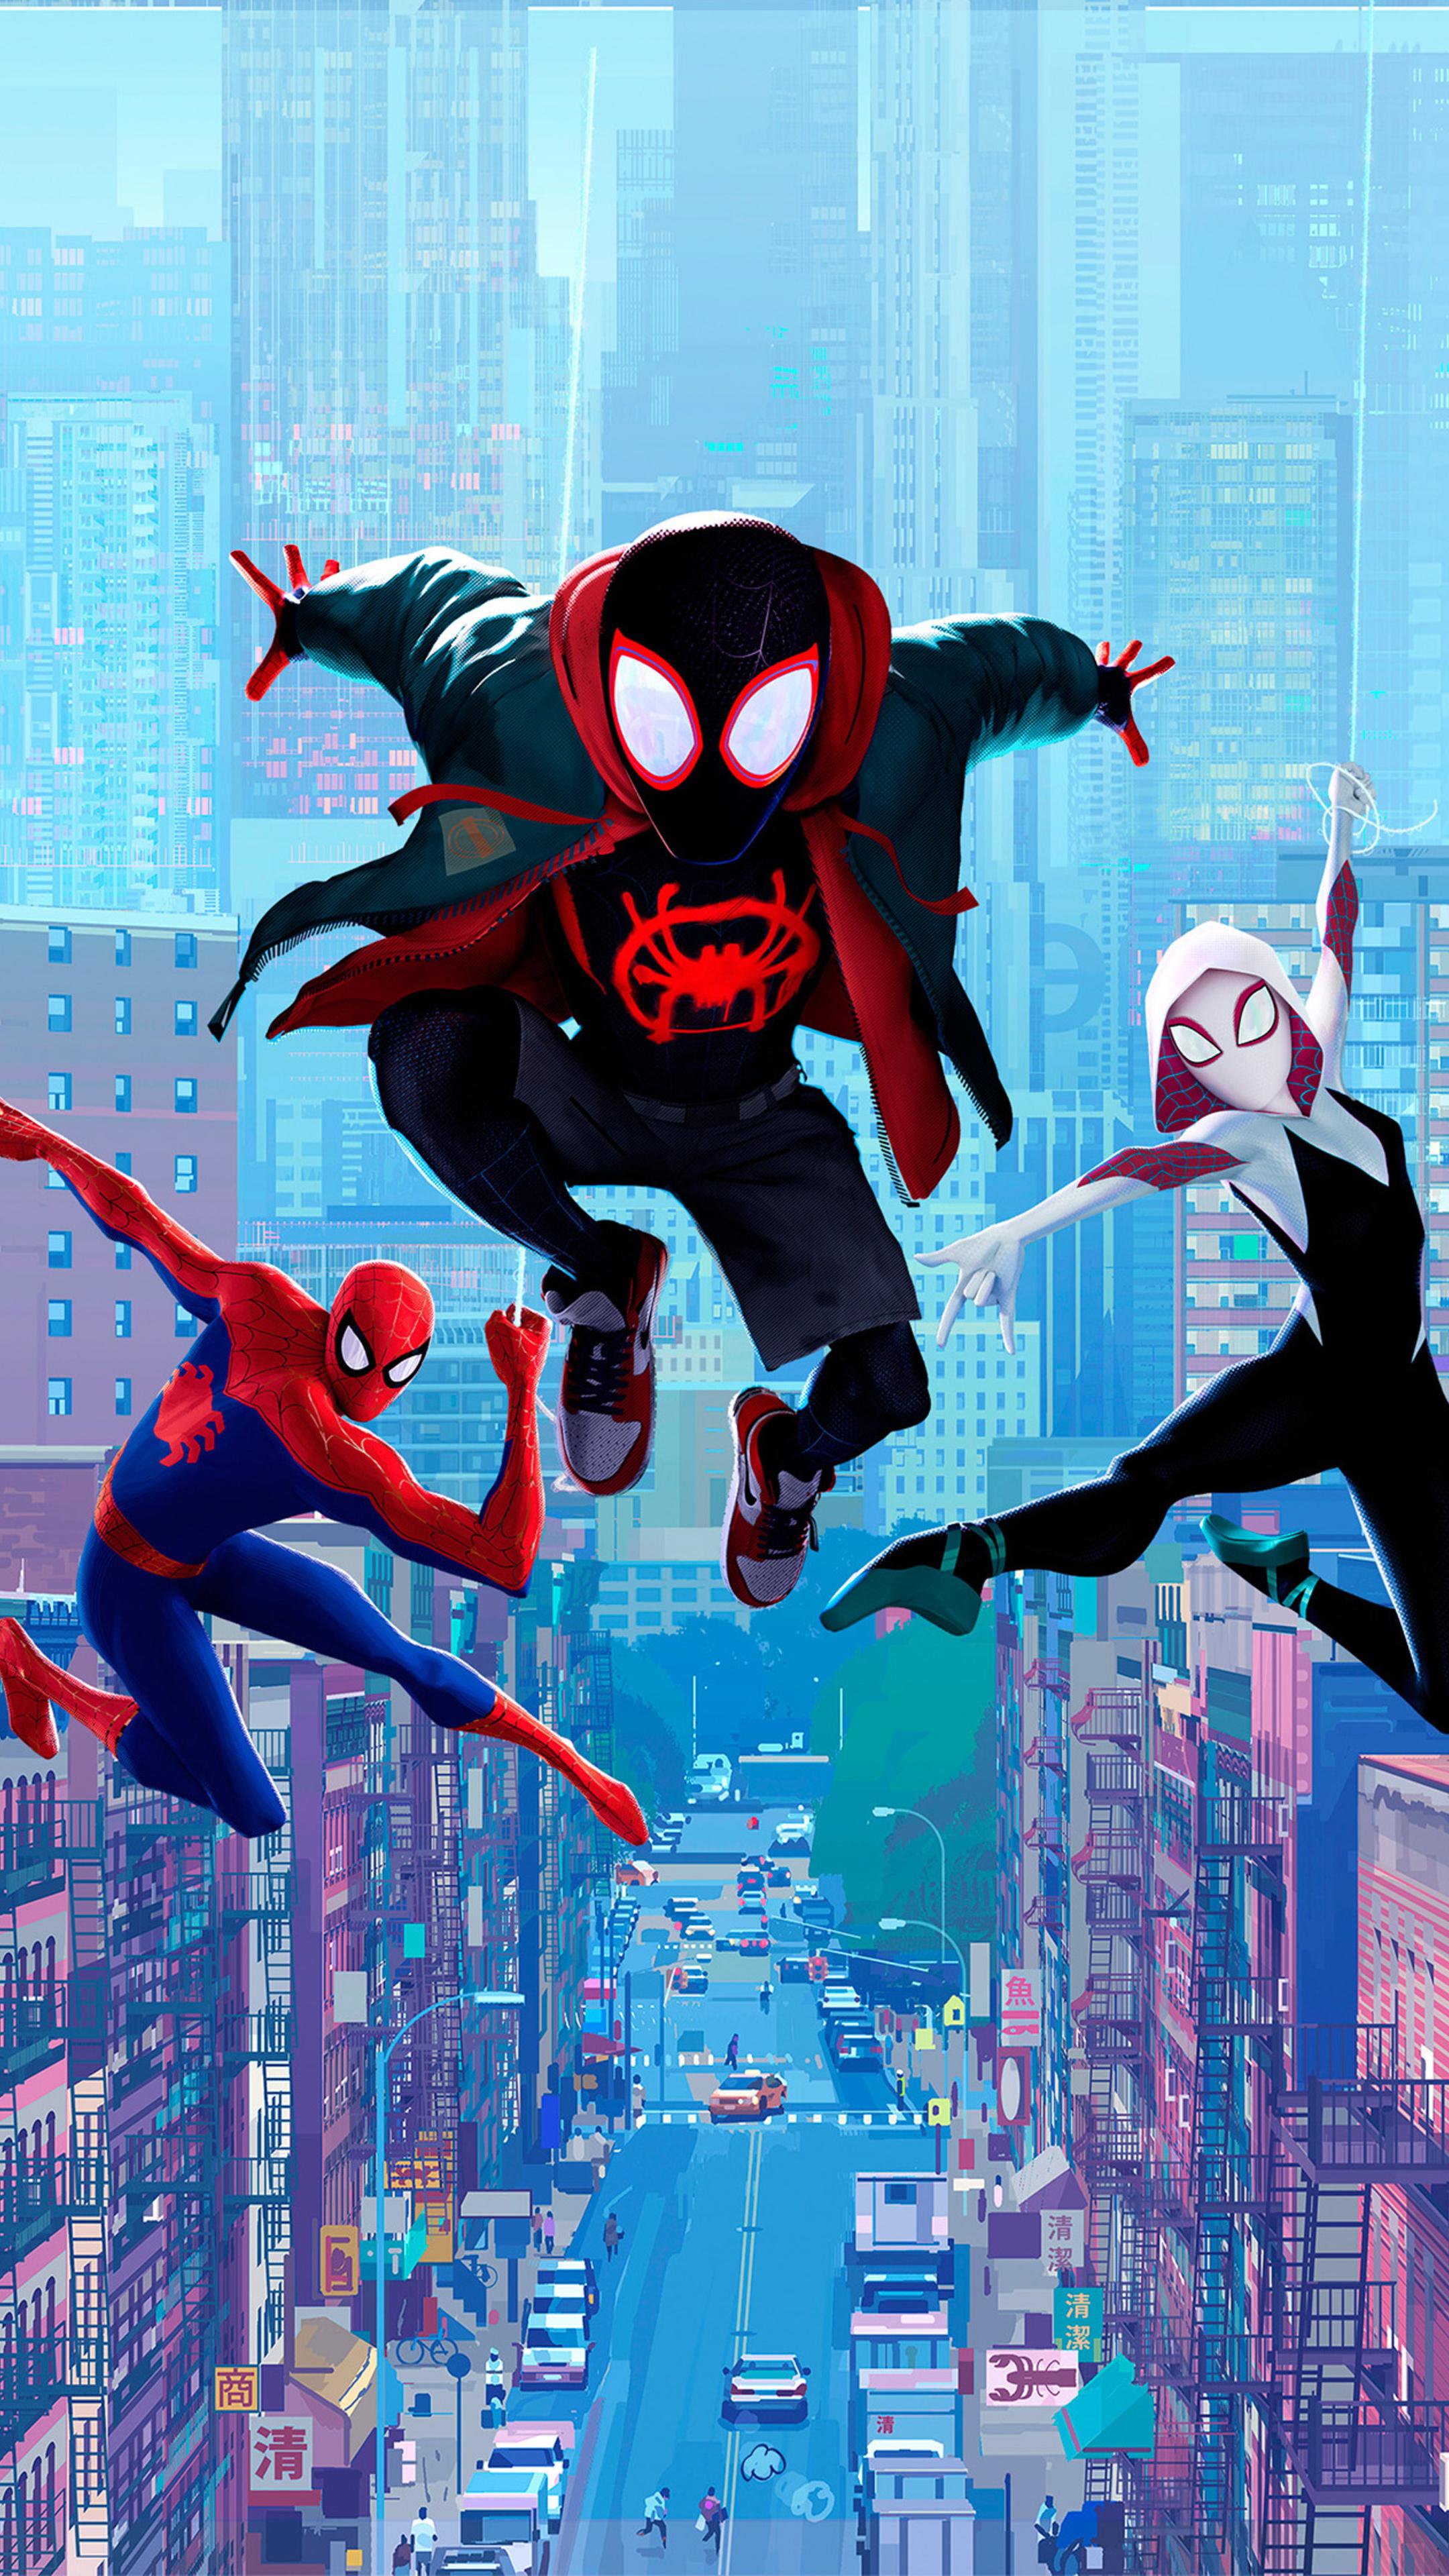 spiderman-into-spider-verse-5k-7b.jpg